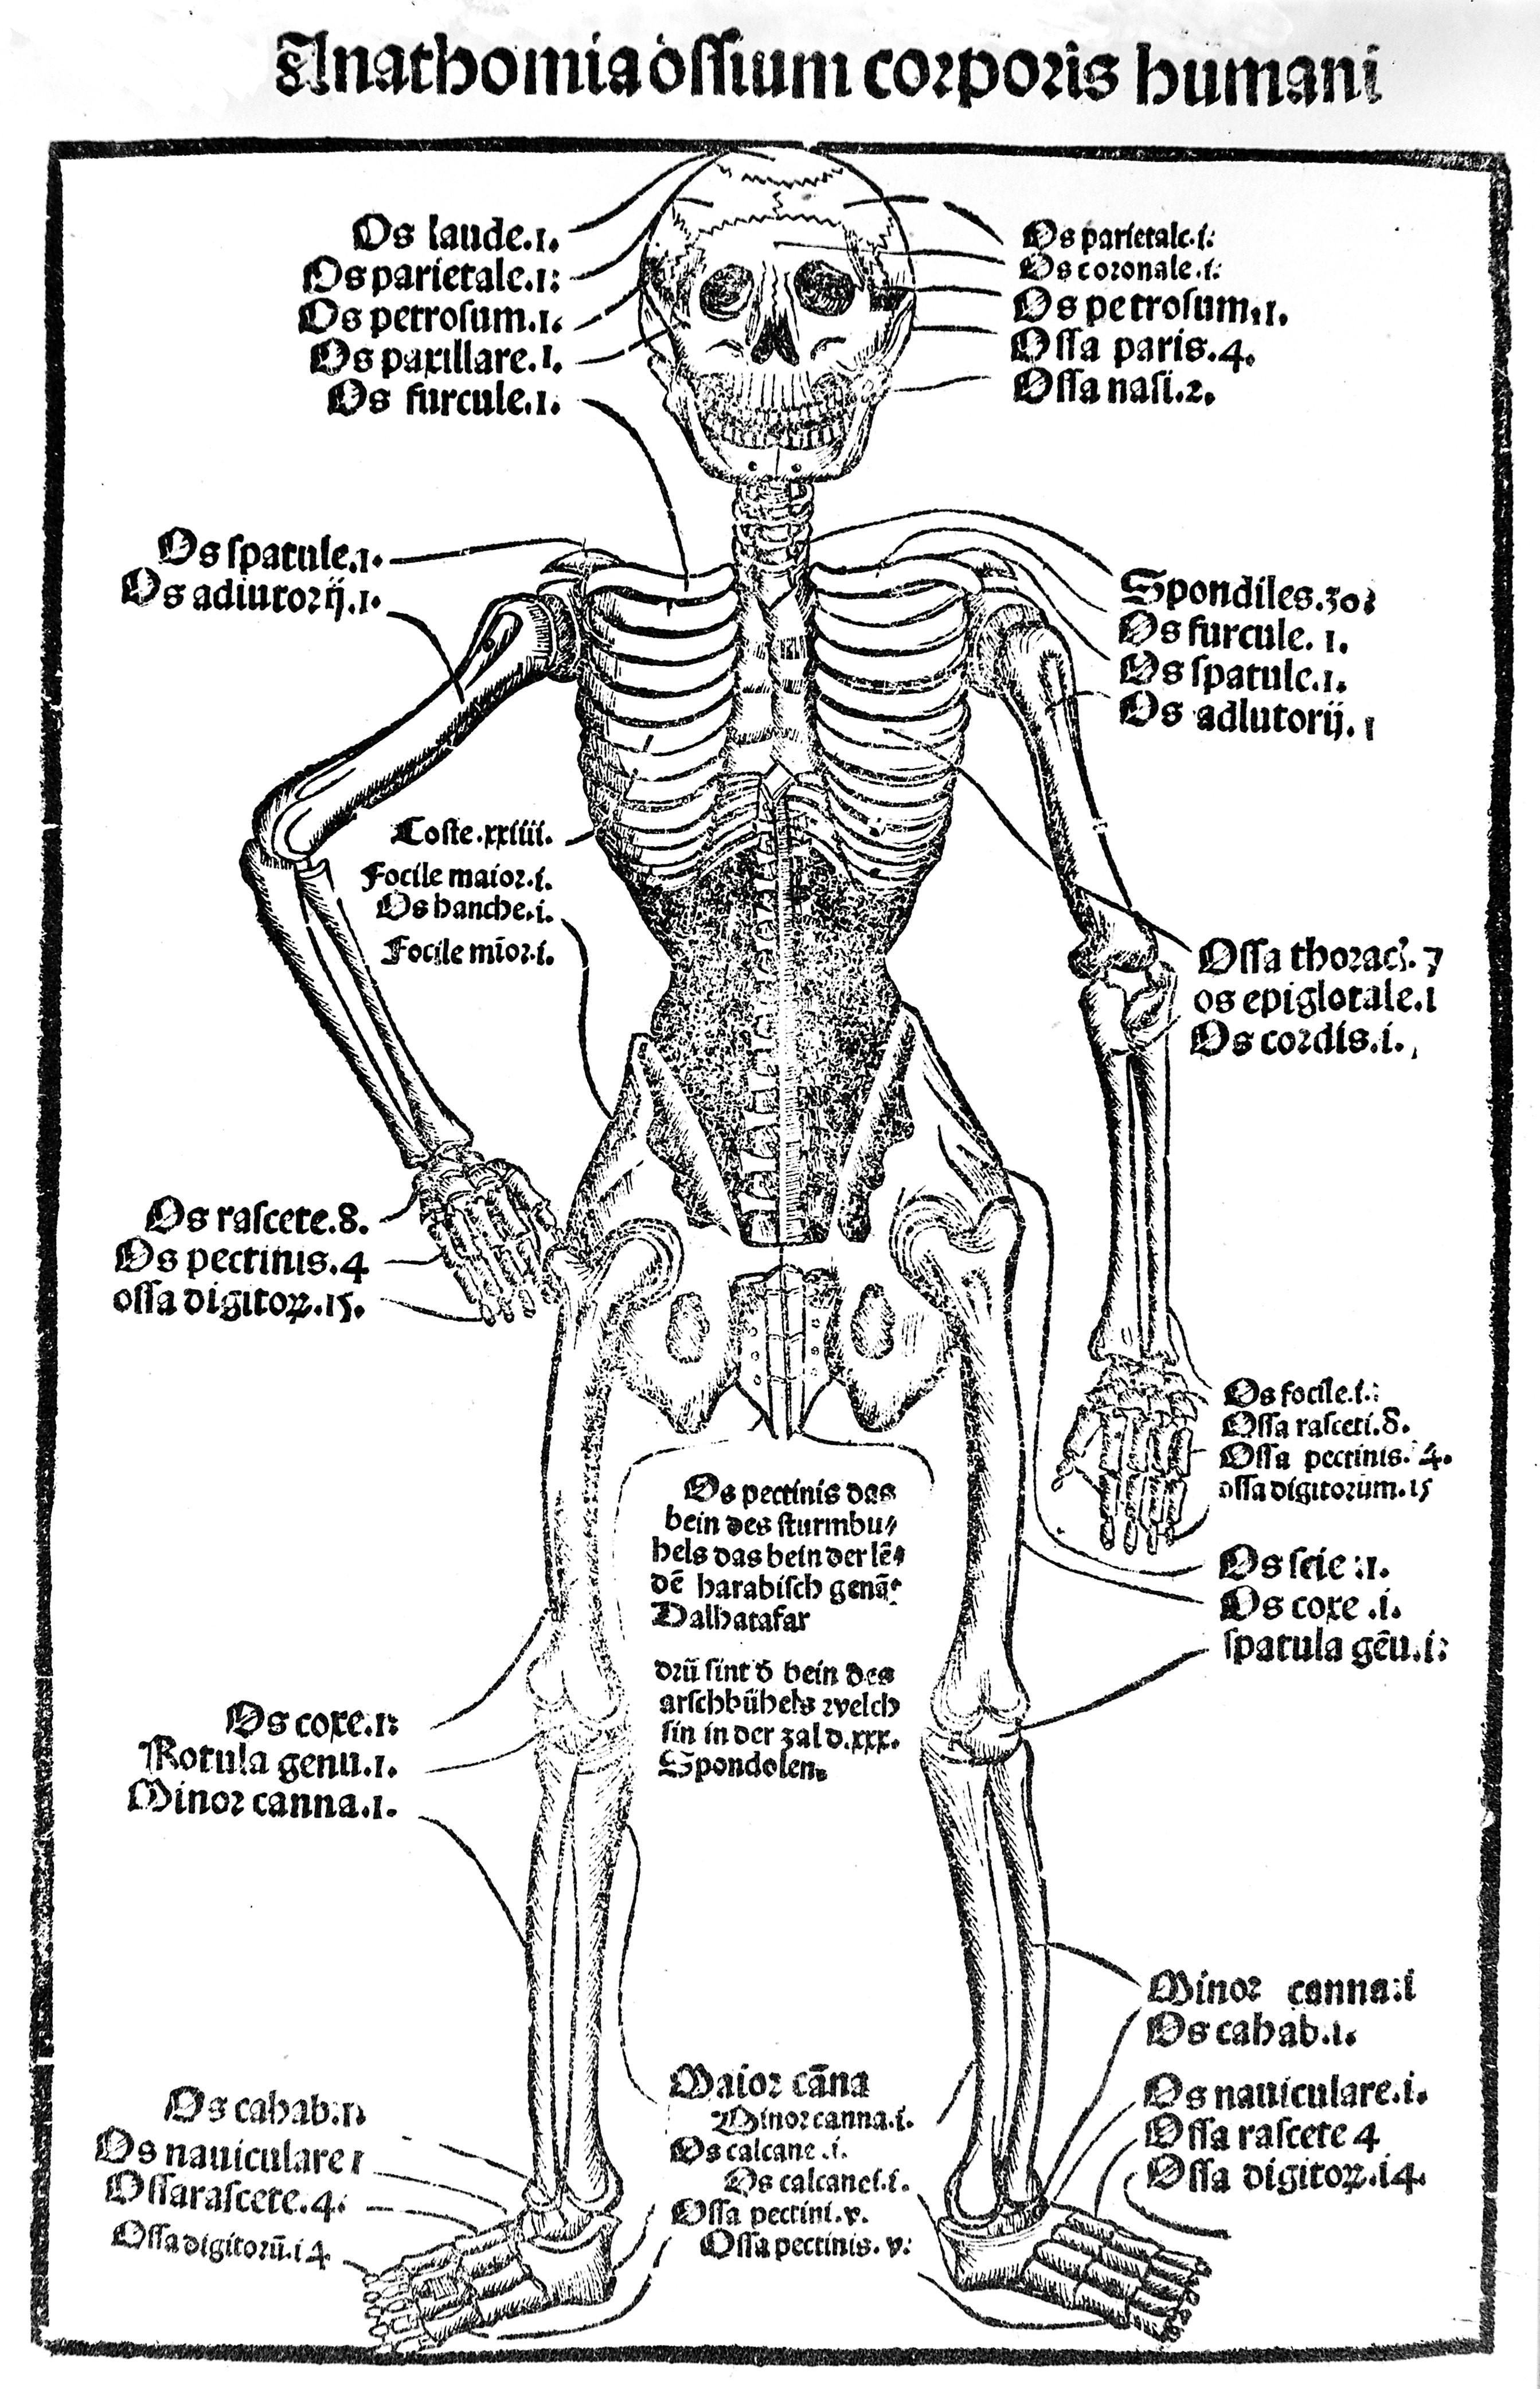 Erfreut Anatomie Der Beinsehnen Galerie - Anatomie Ideen - finotti.info